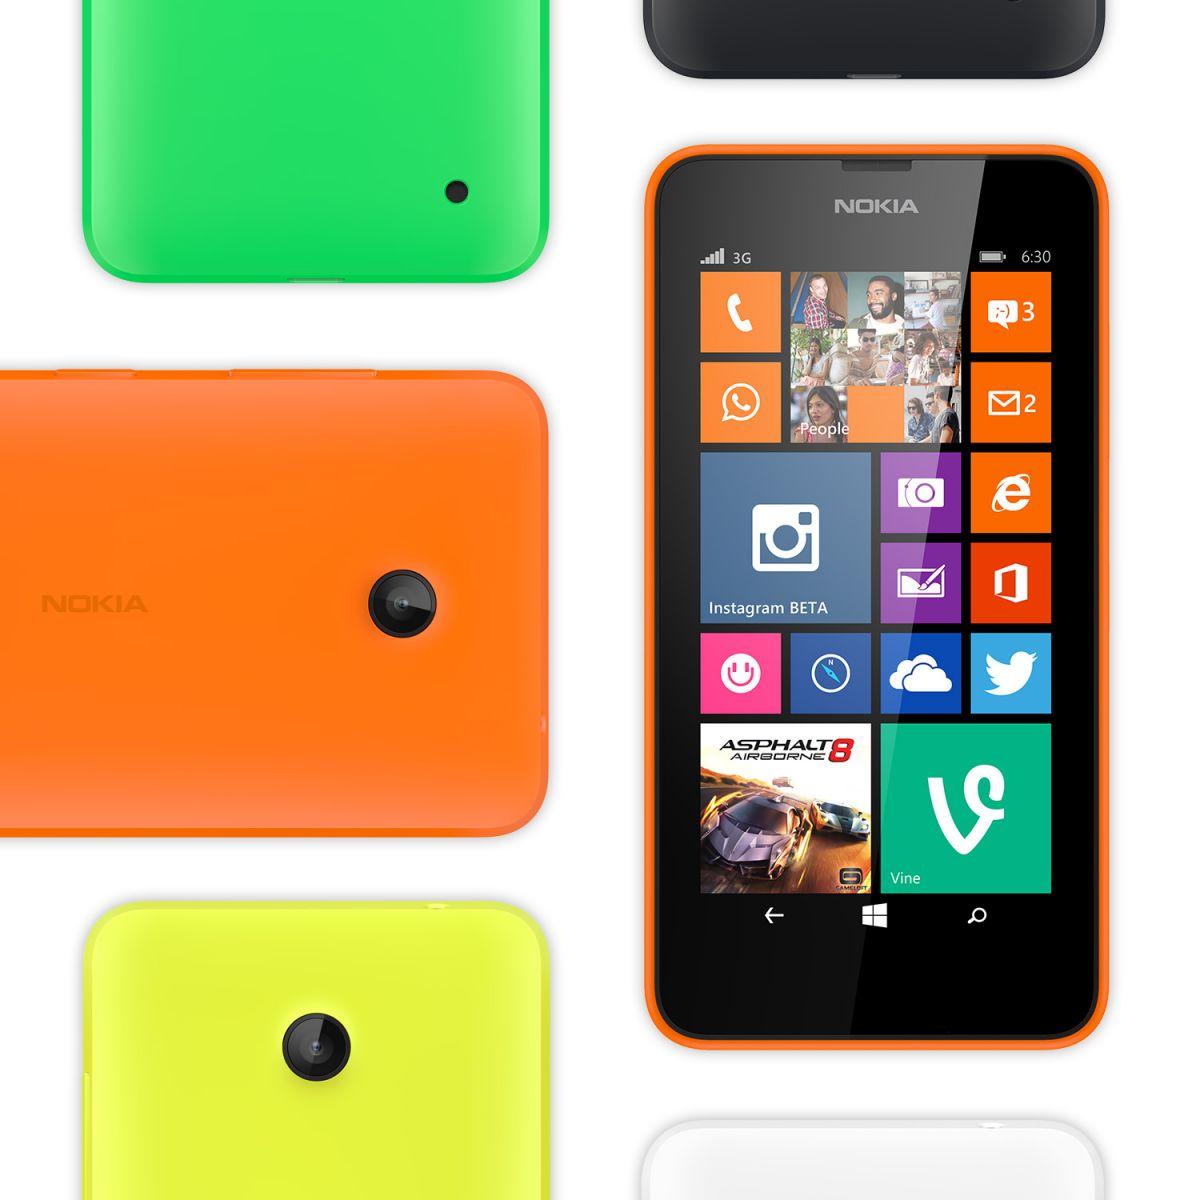 1200-nokia_lumia_630_colors.jpg